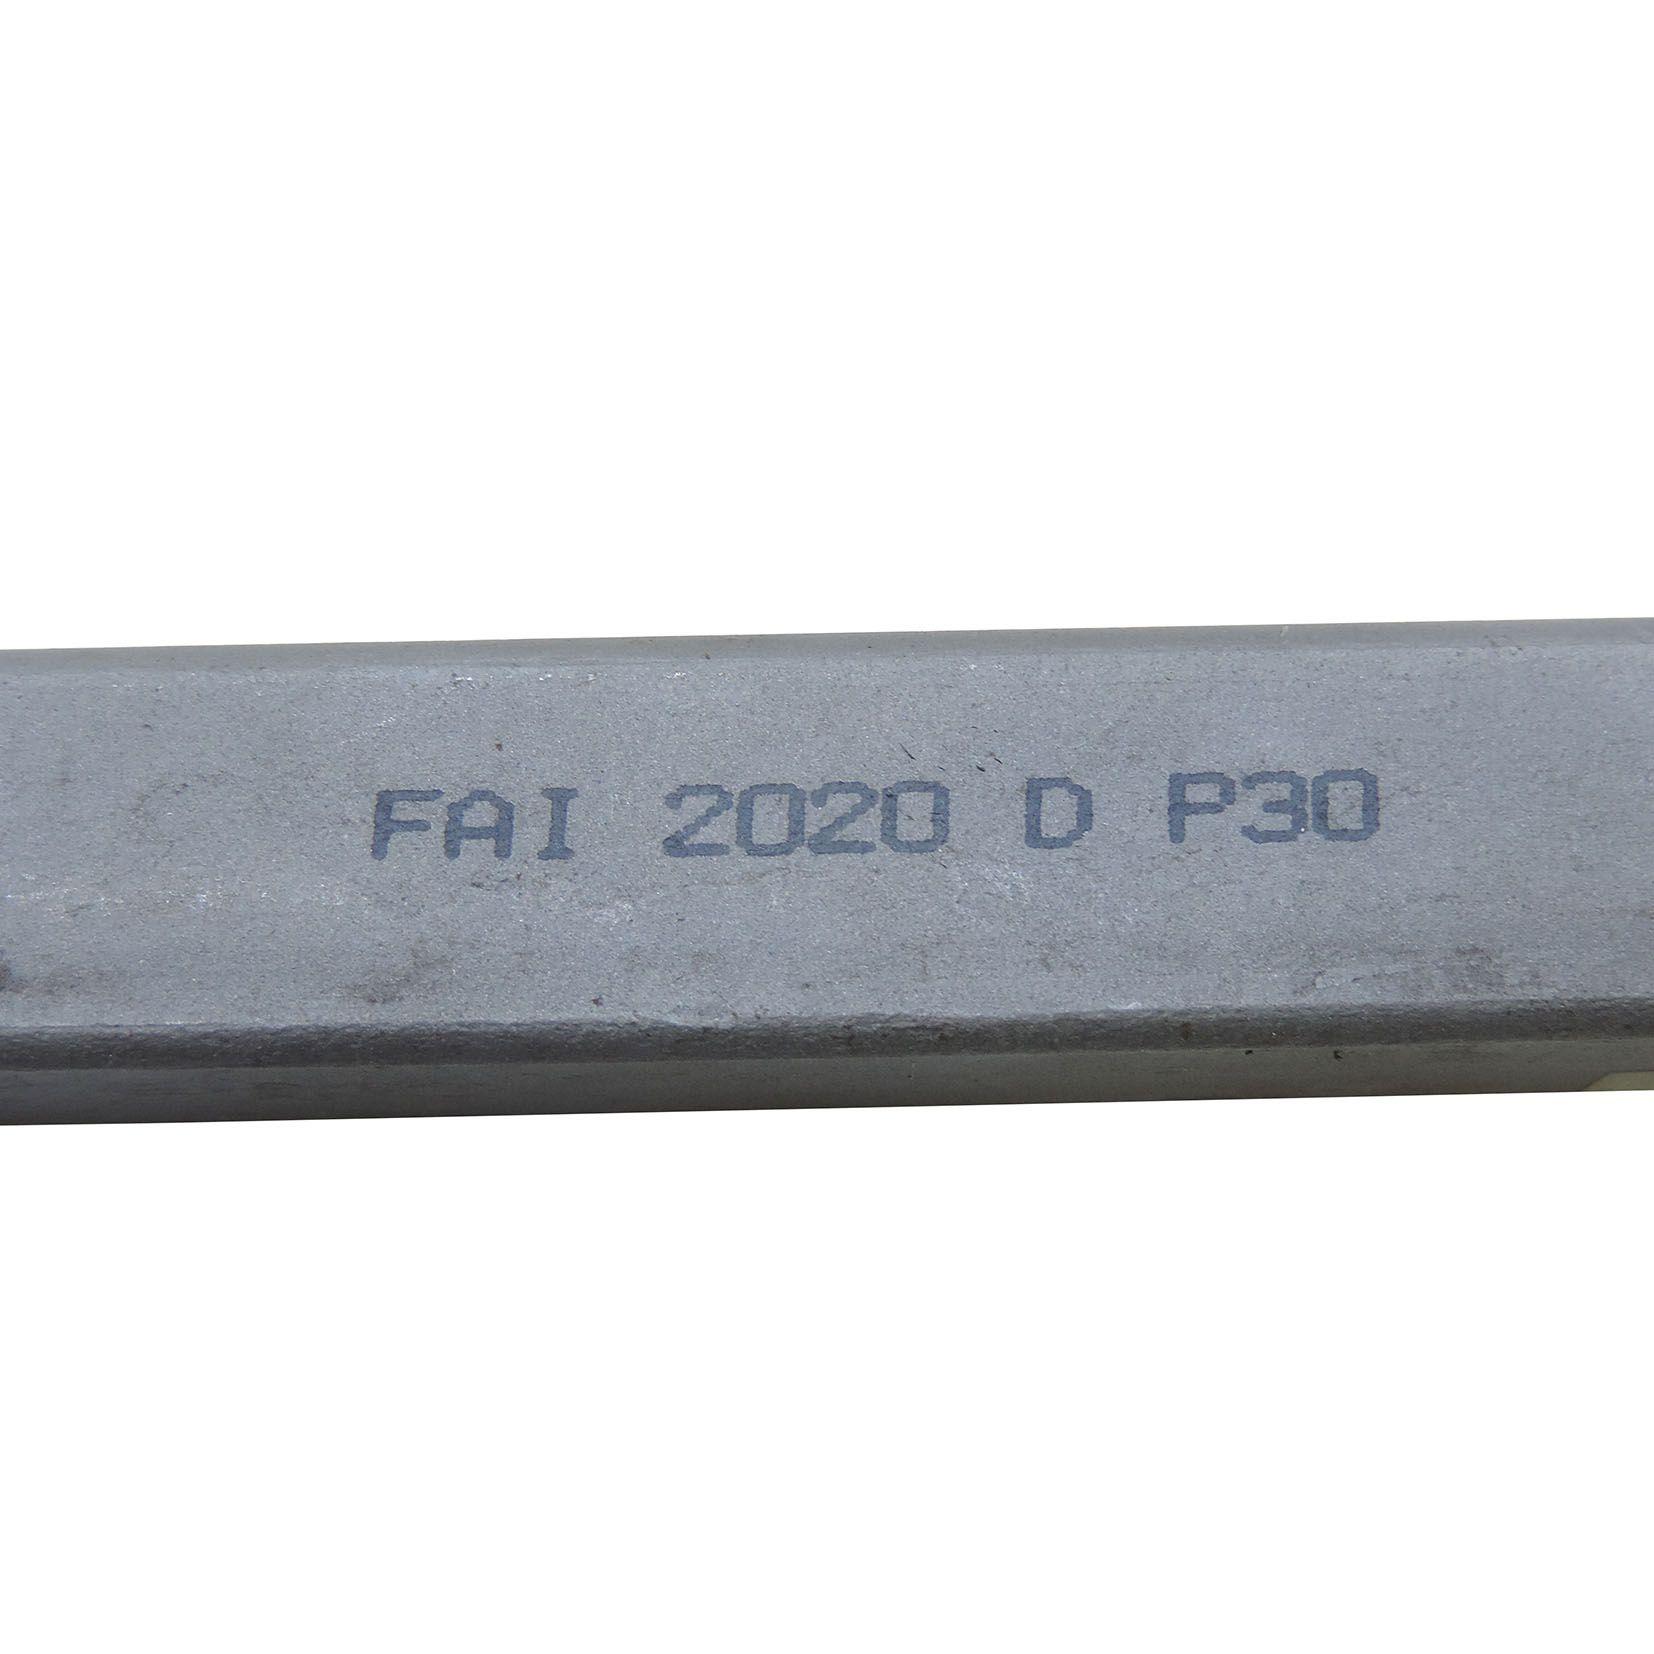 Ferramenta Para Torno Para Acanalar Interno - FAI 2020 D P30